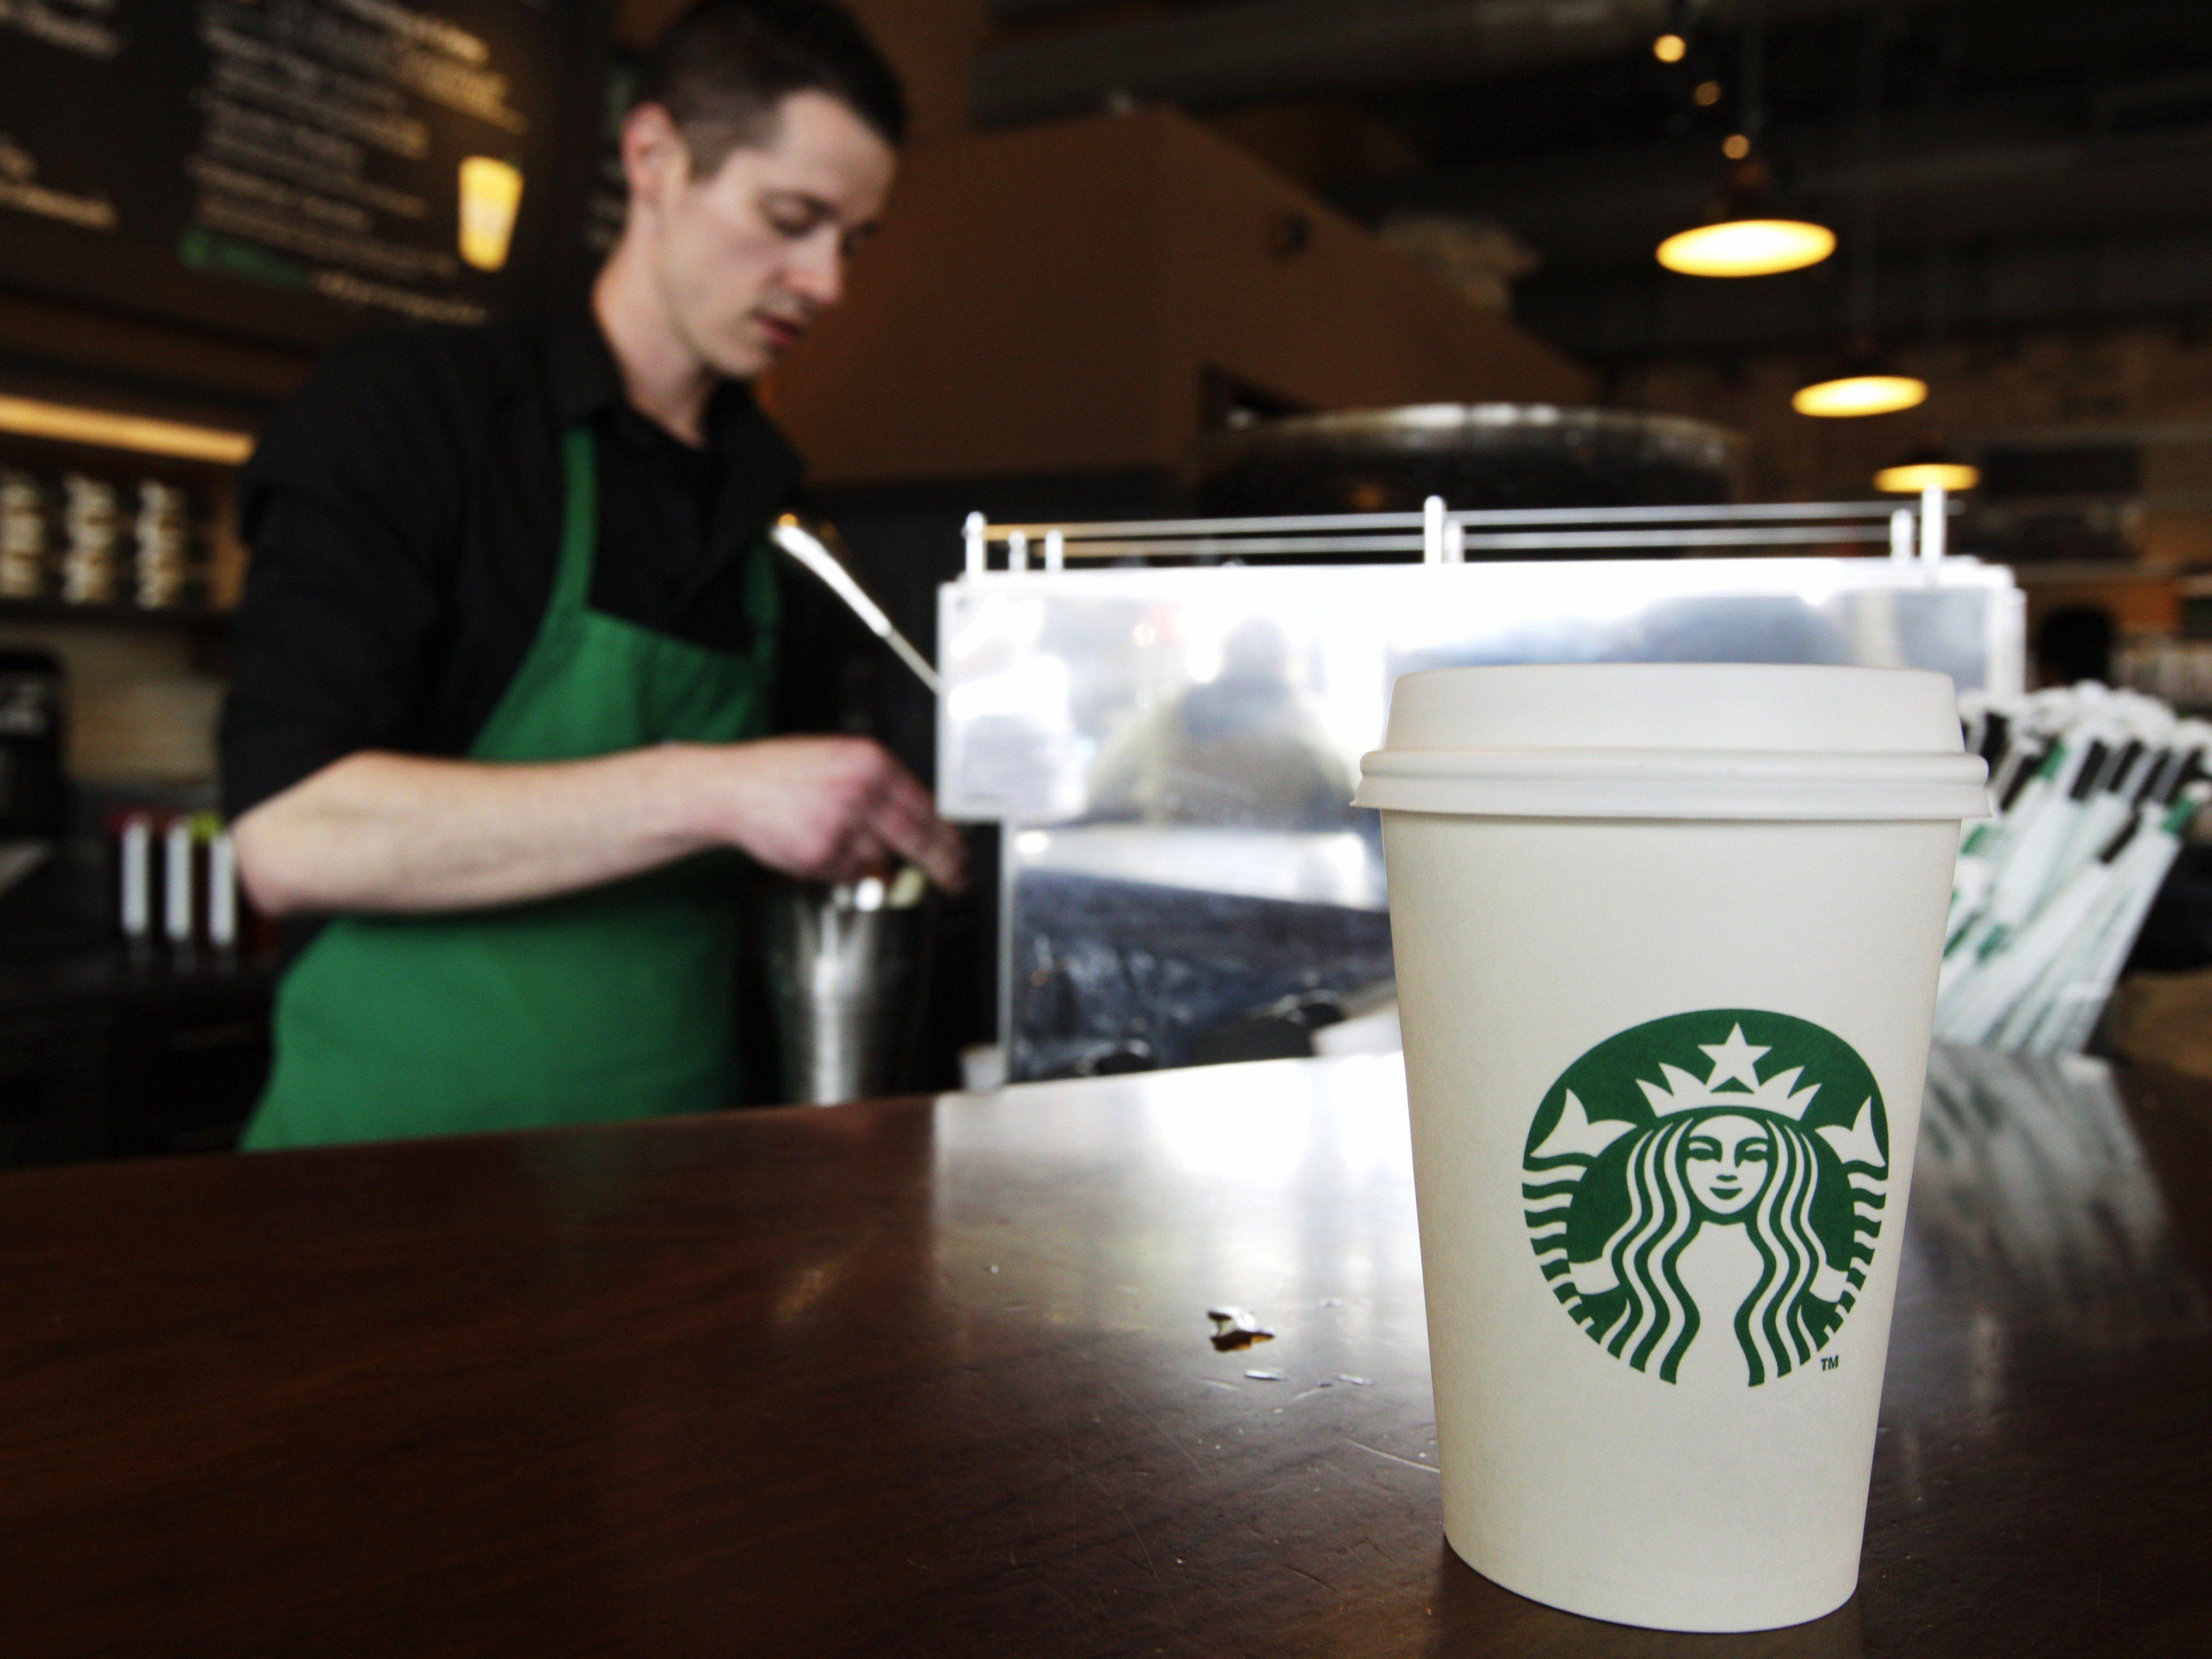 Rund 40 Prozent des Kaffees wird außer Haus konsumiert